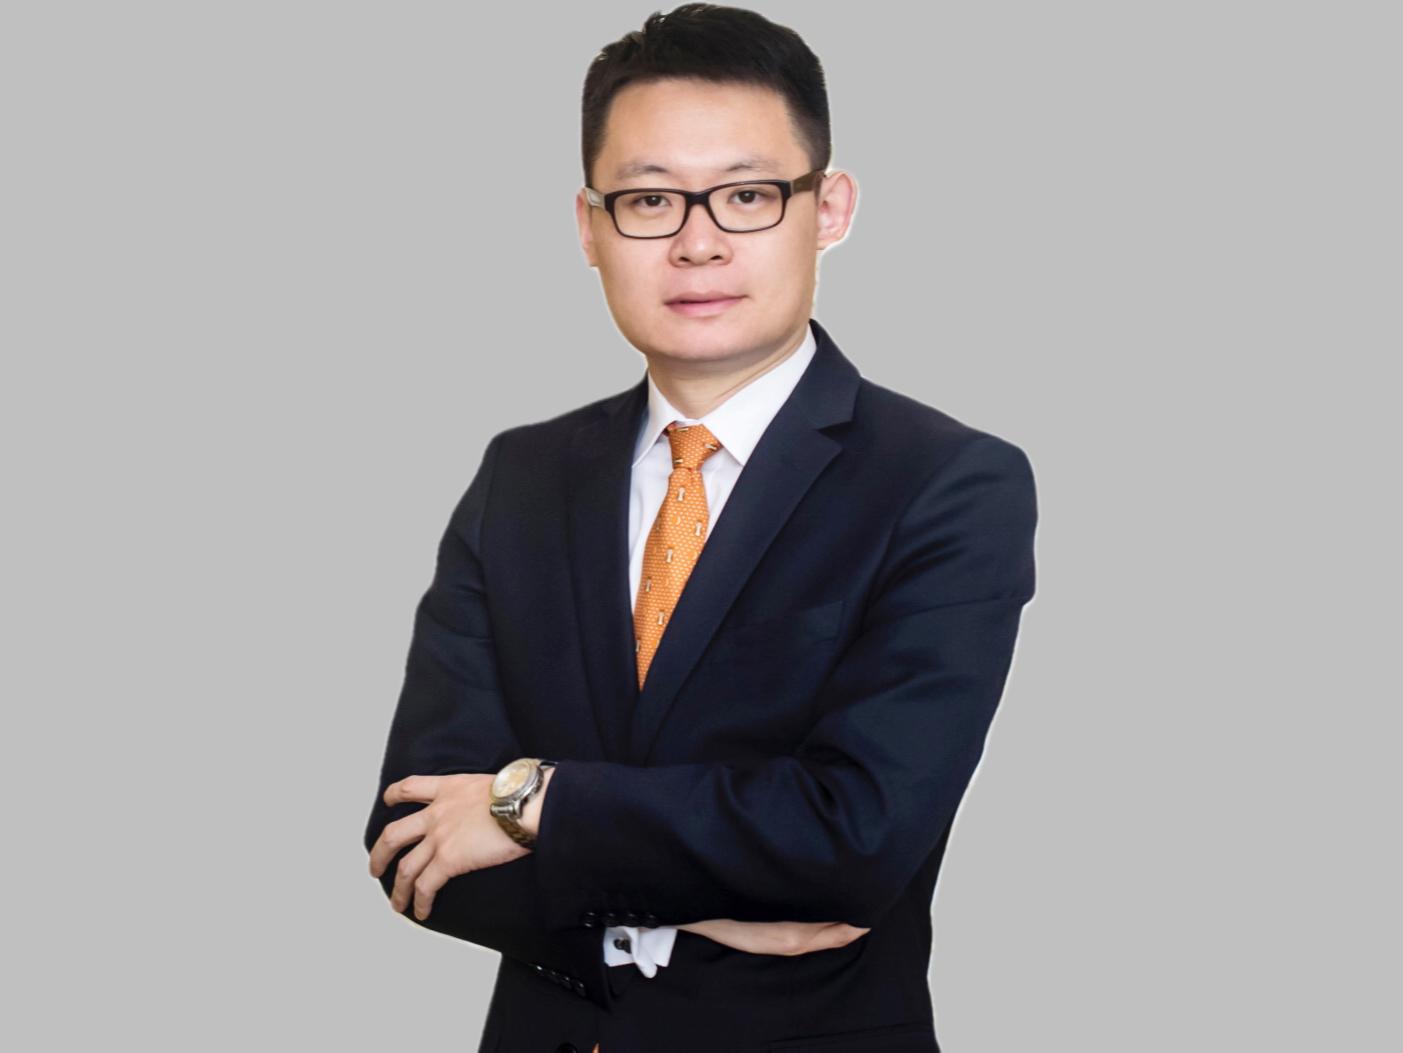 恒大酒店集团任王鹏为济南雪野湖恒大酒店总经理